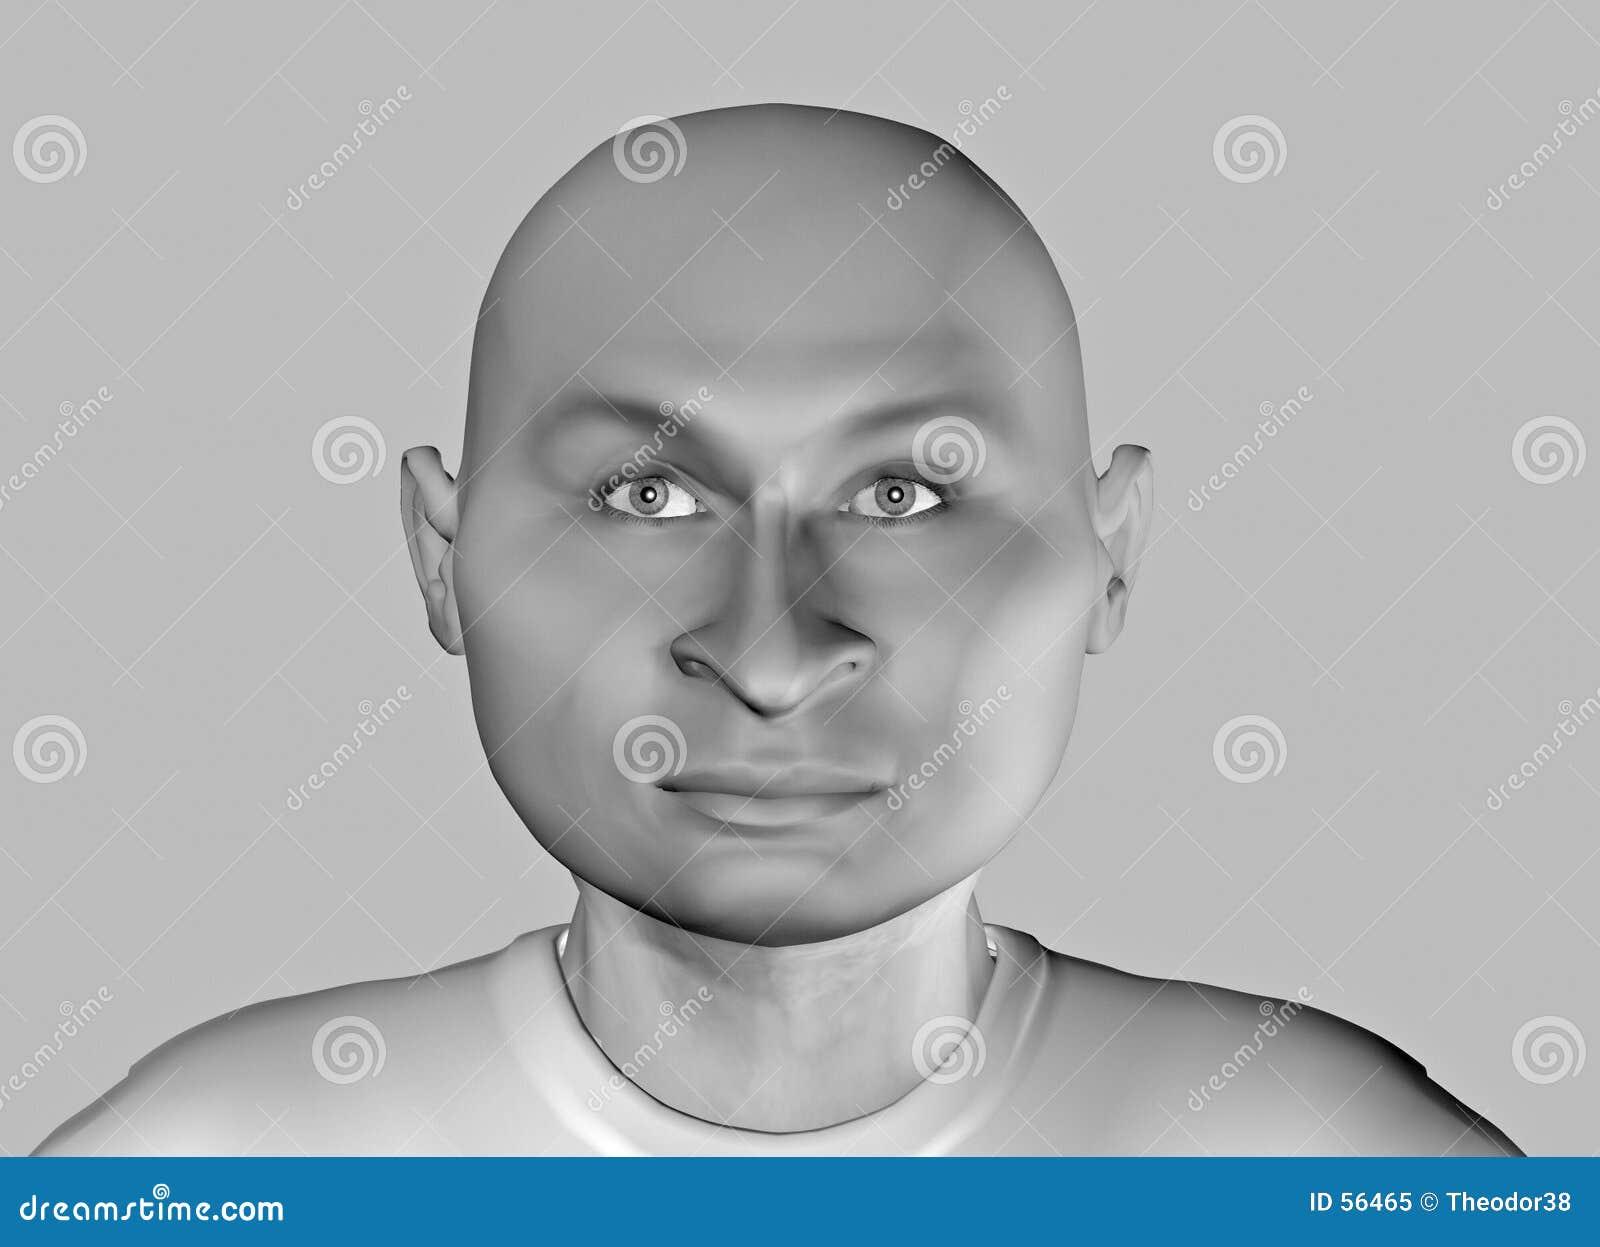 Grappige gezicht-9